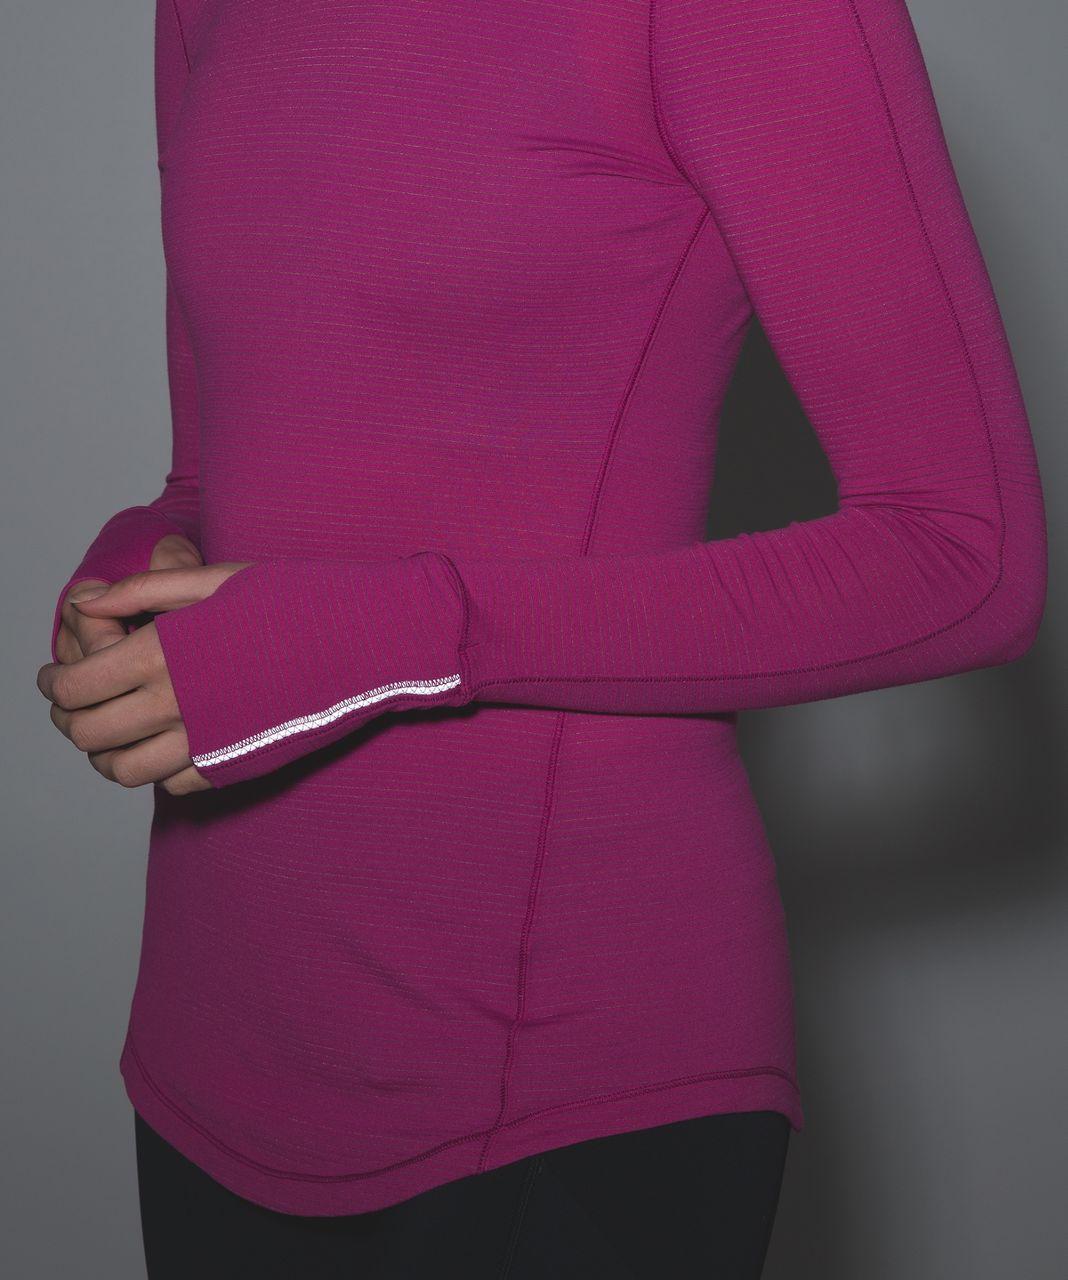 Lululemon 5 Mile Long Sleeve - Raspberry